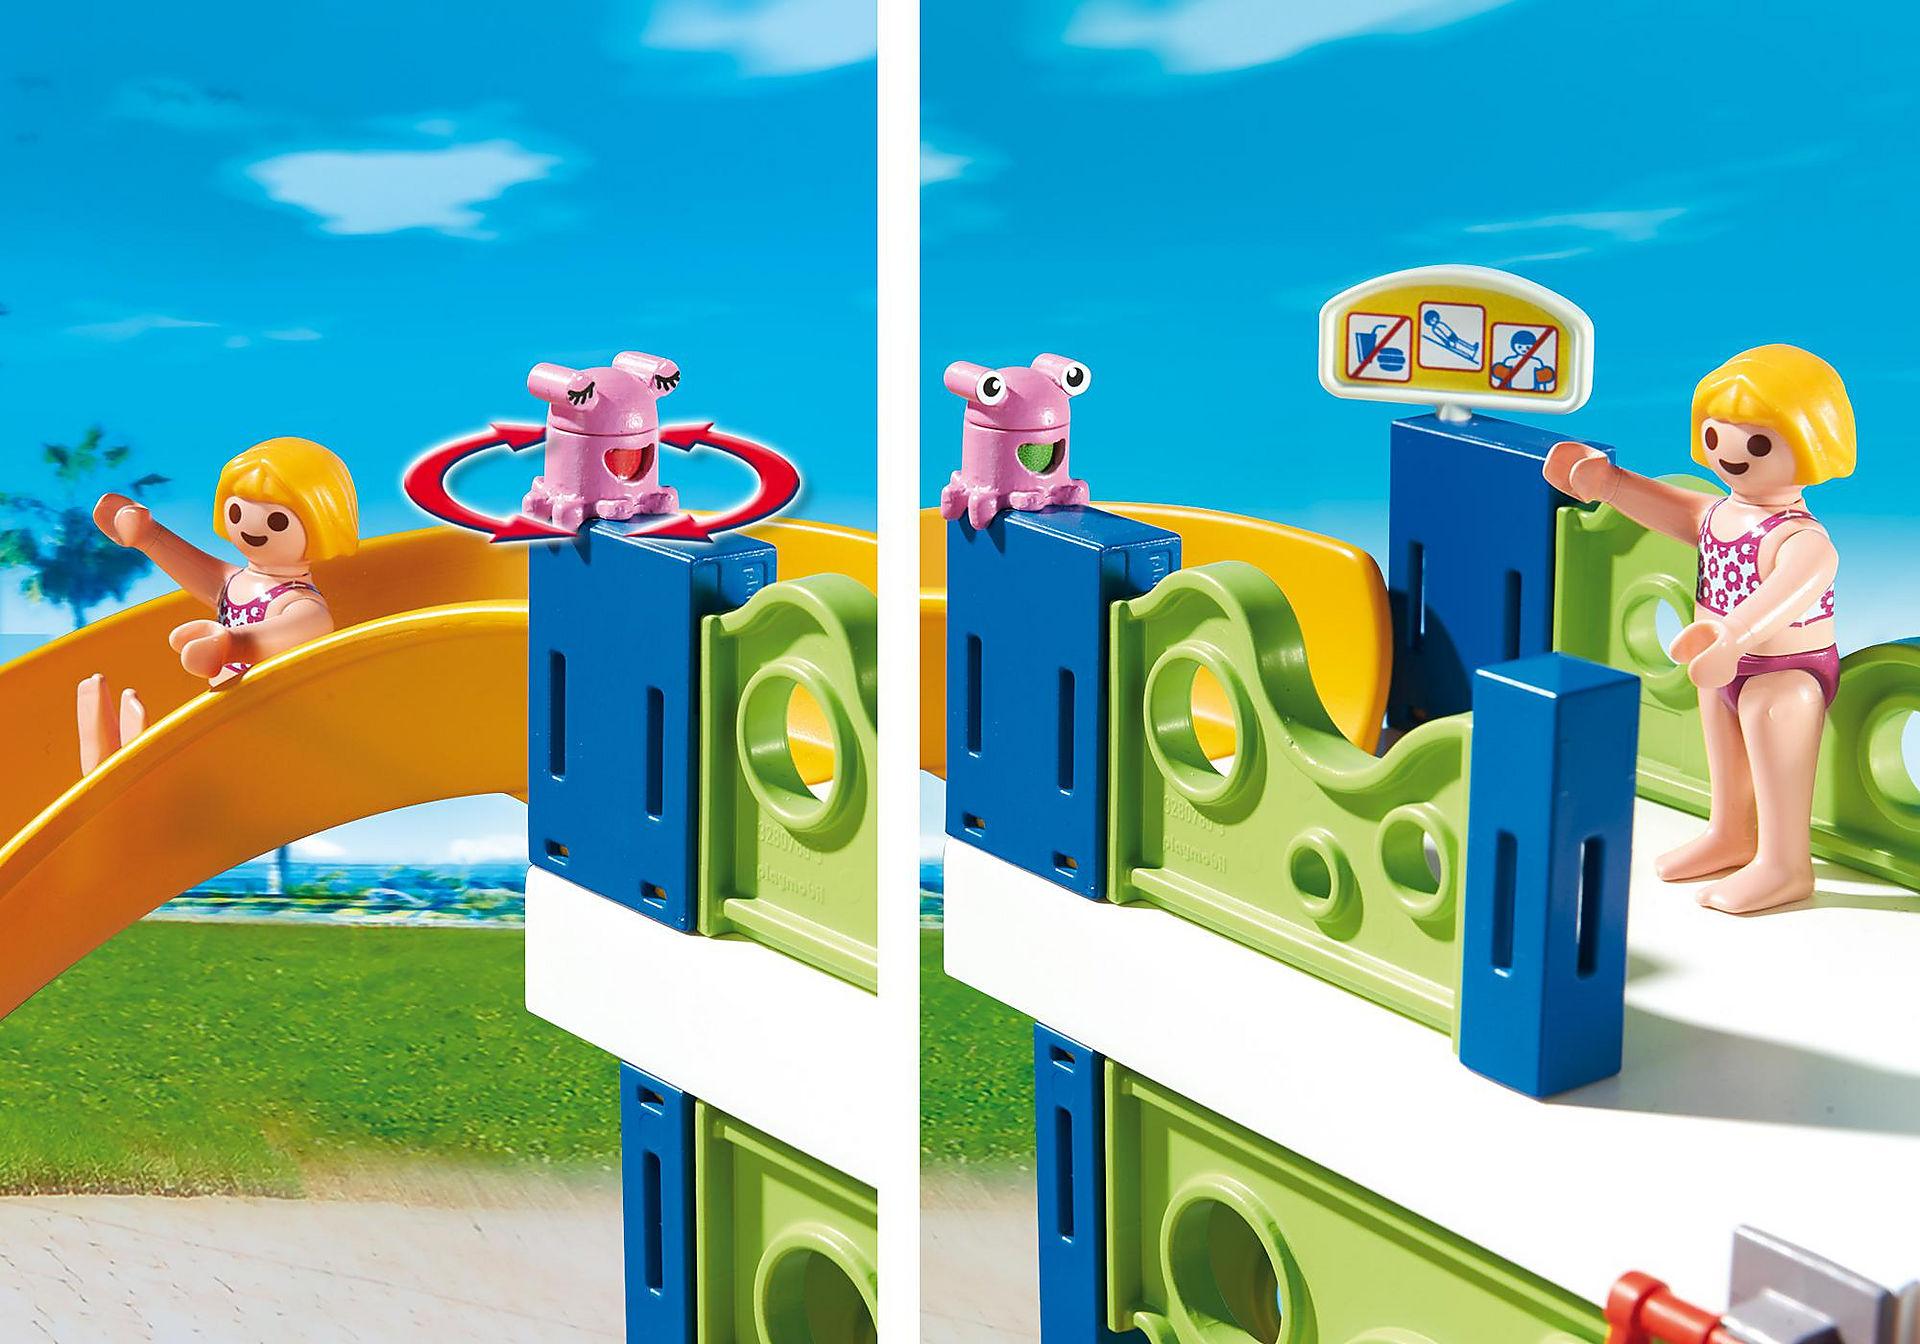 6669 Parc aquatique avec toboggans géants zoom image7